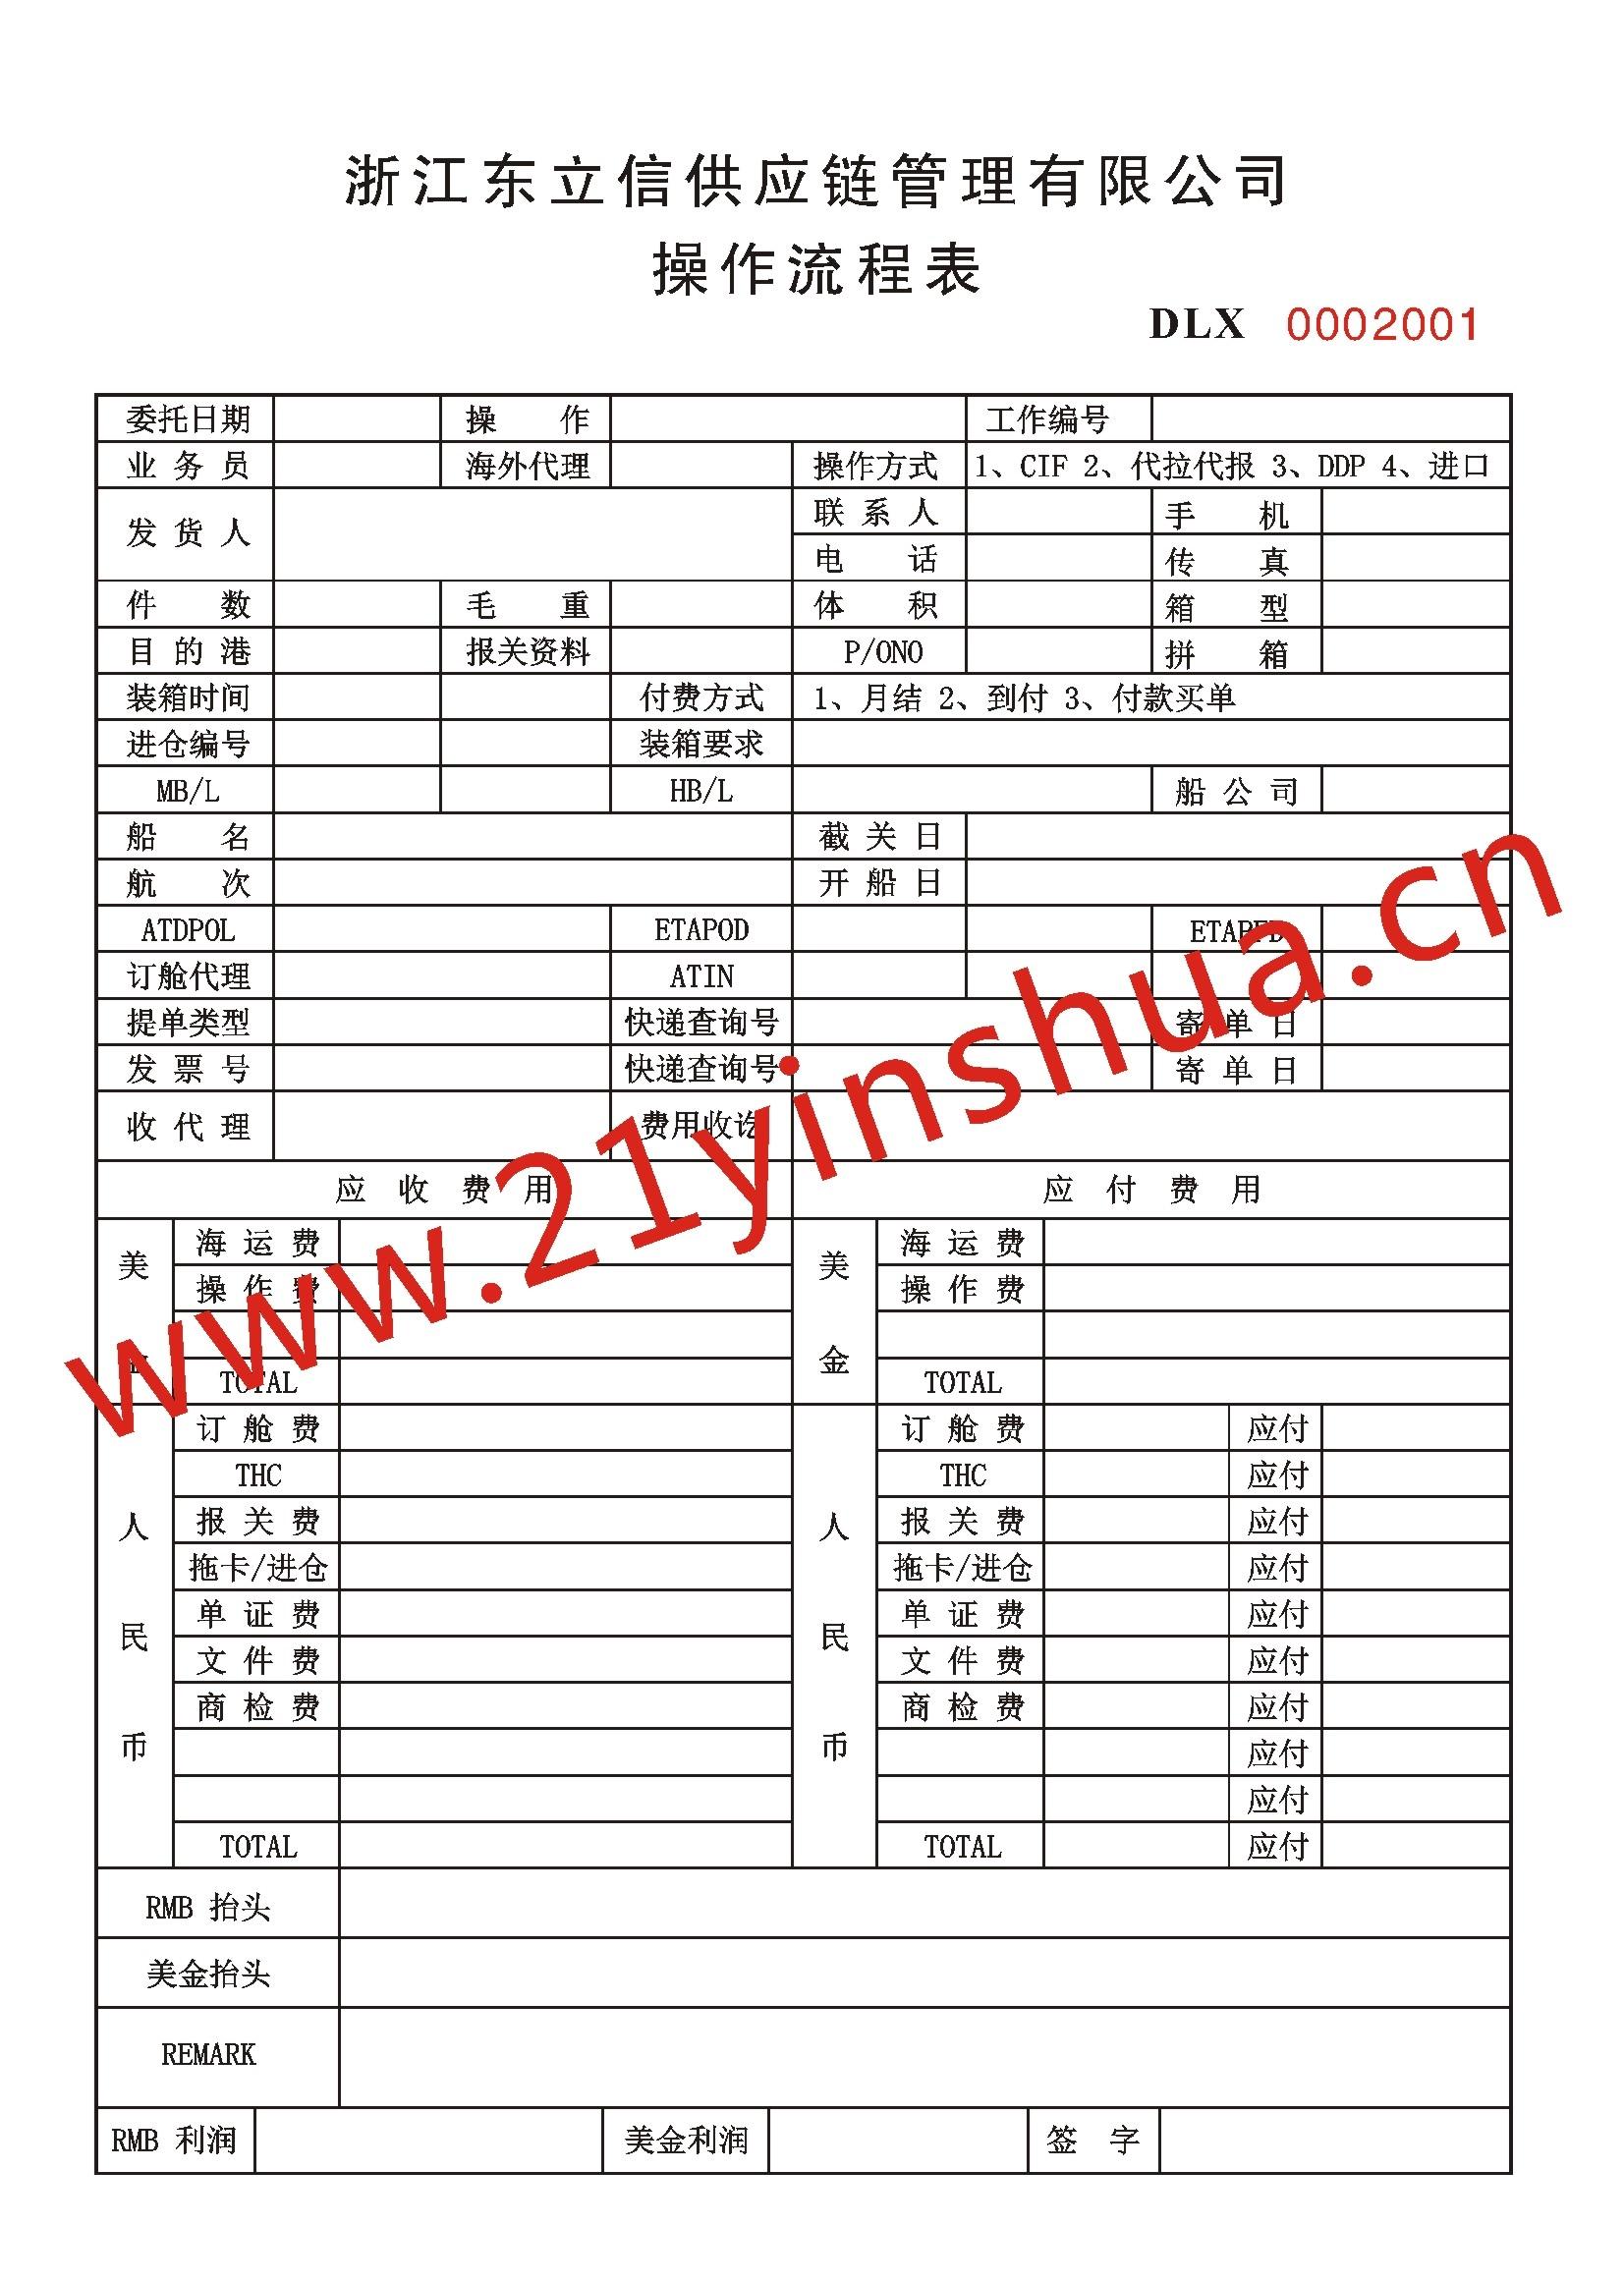 印刷定制国际物流操作流程表浙江东立信供应链管理有限公司案例